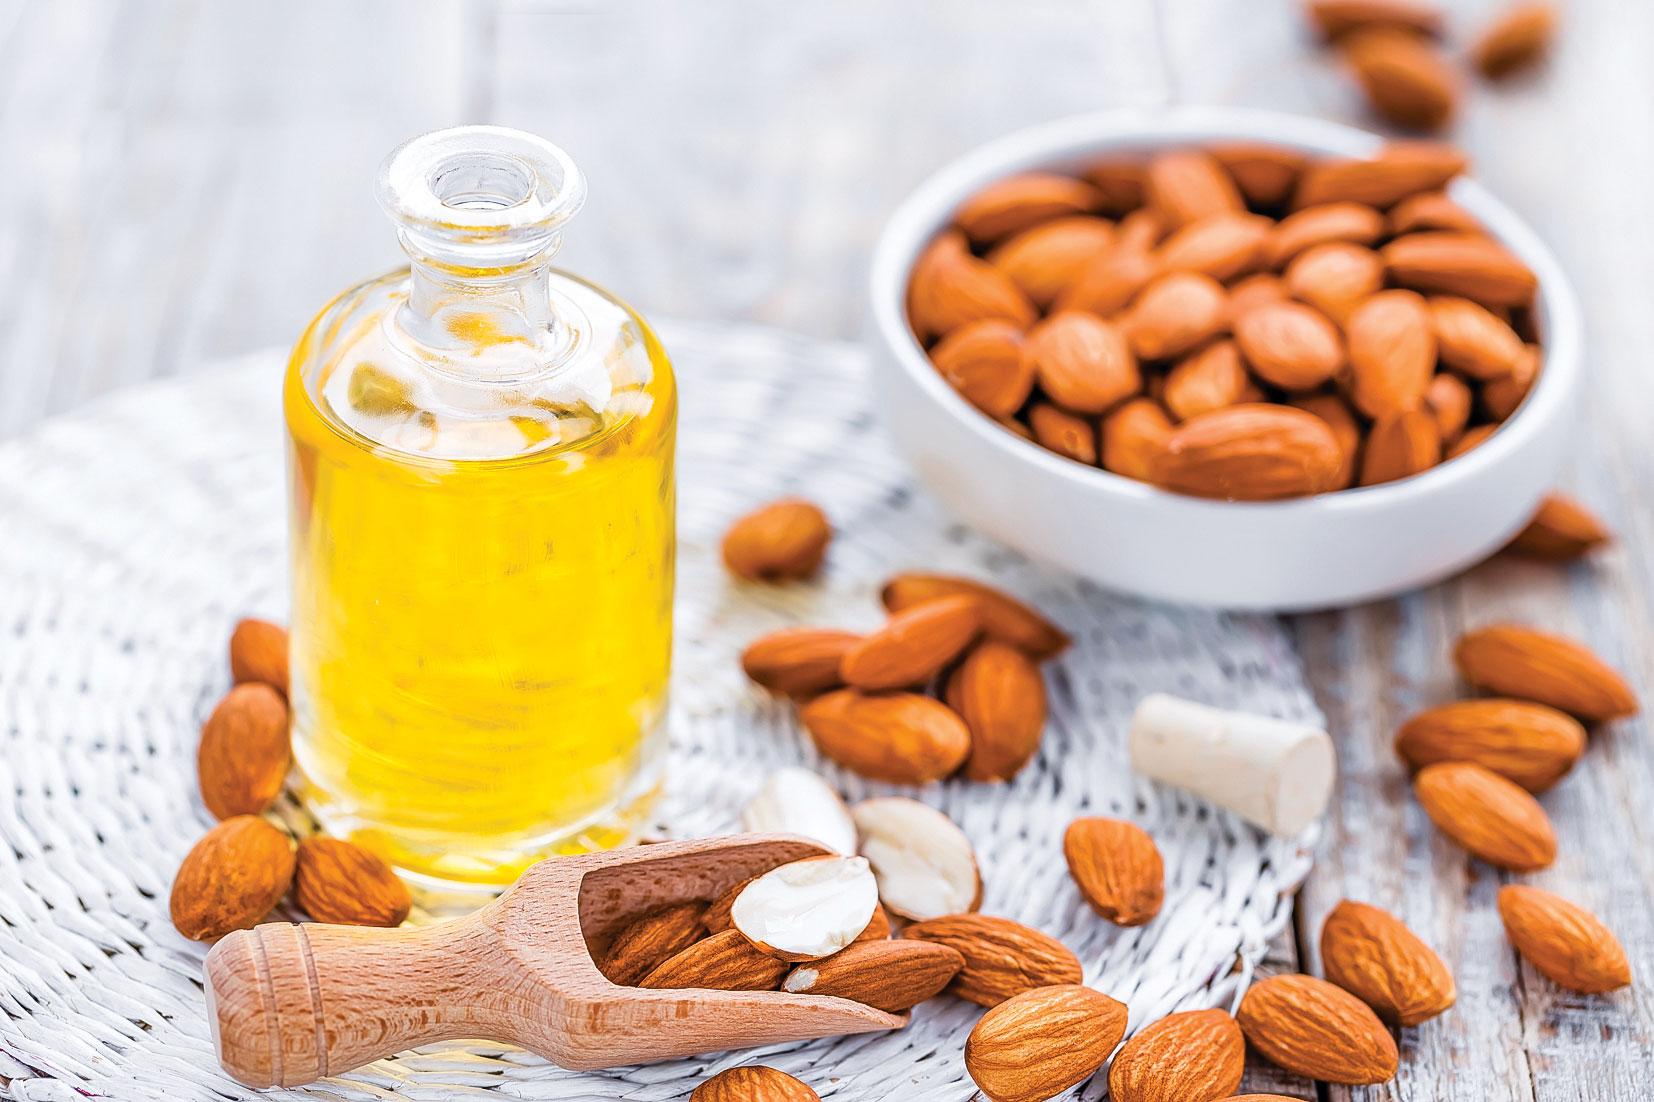 堅果屬油脂類食物,富含維他命E、微量營養素、植物固醇、膳食纖維和植化素。(shutterstock)